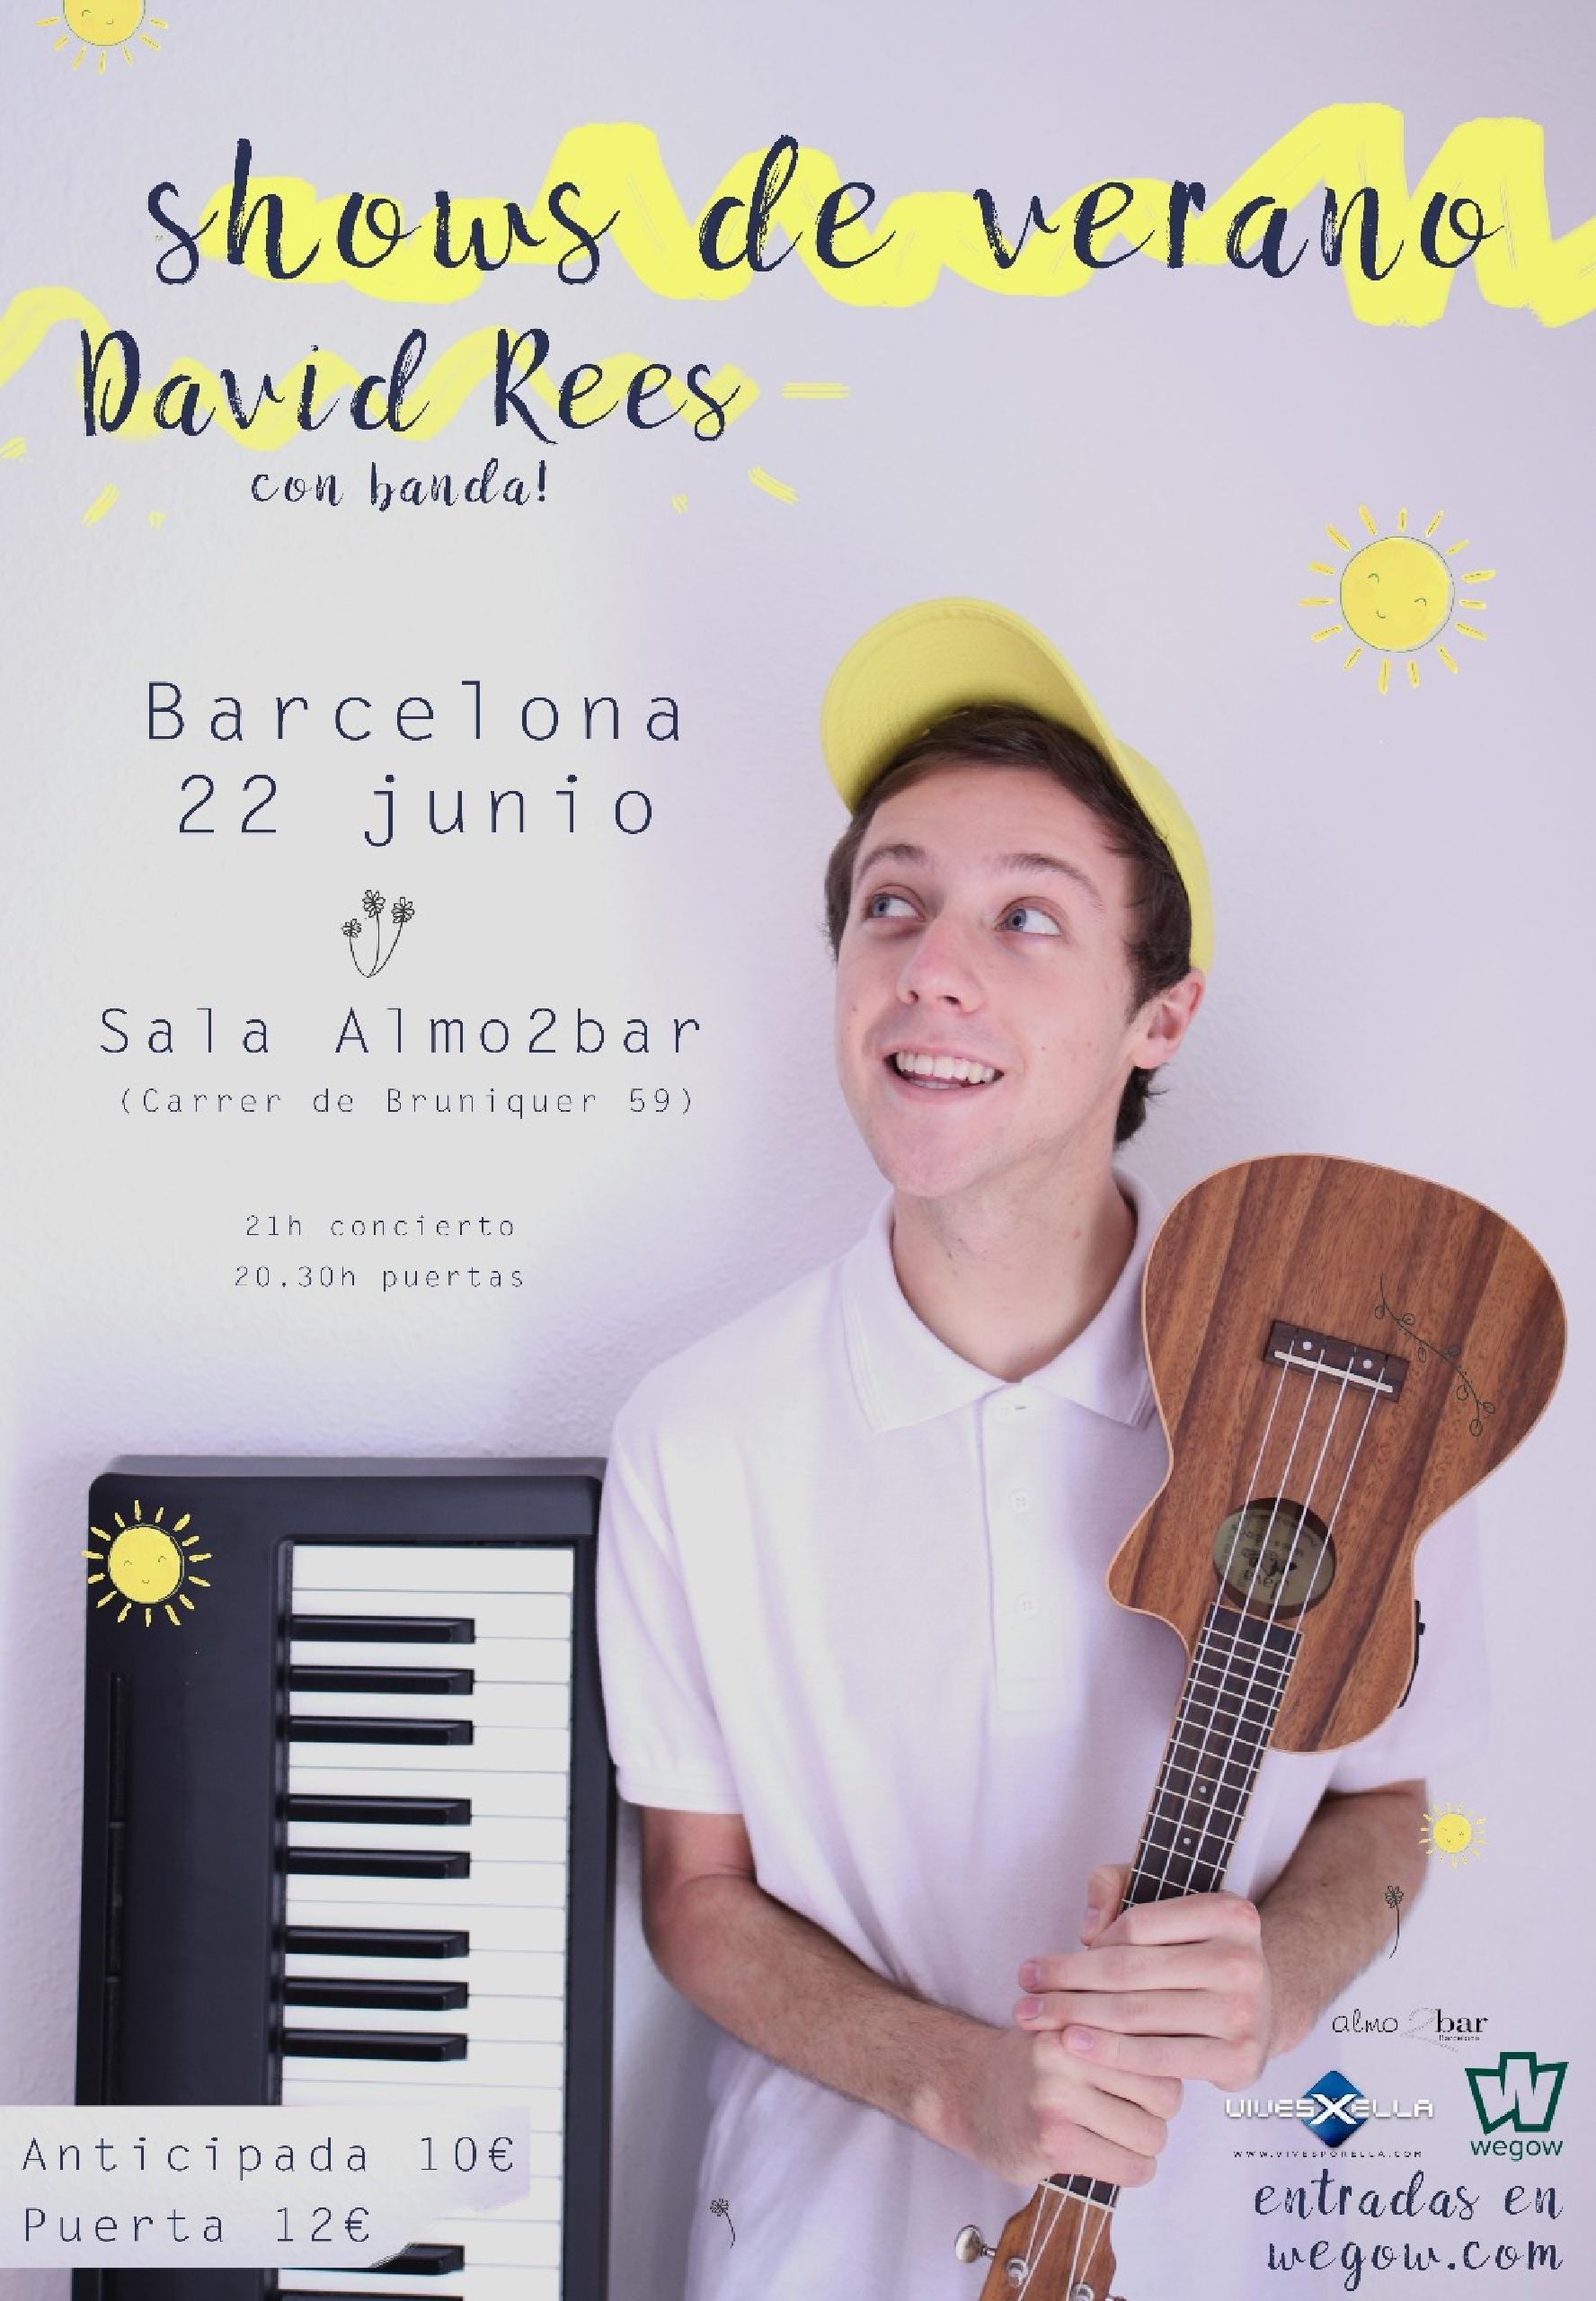 CONCIERTO DAVID REES BARCELONA WEGOW